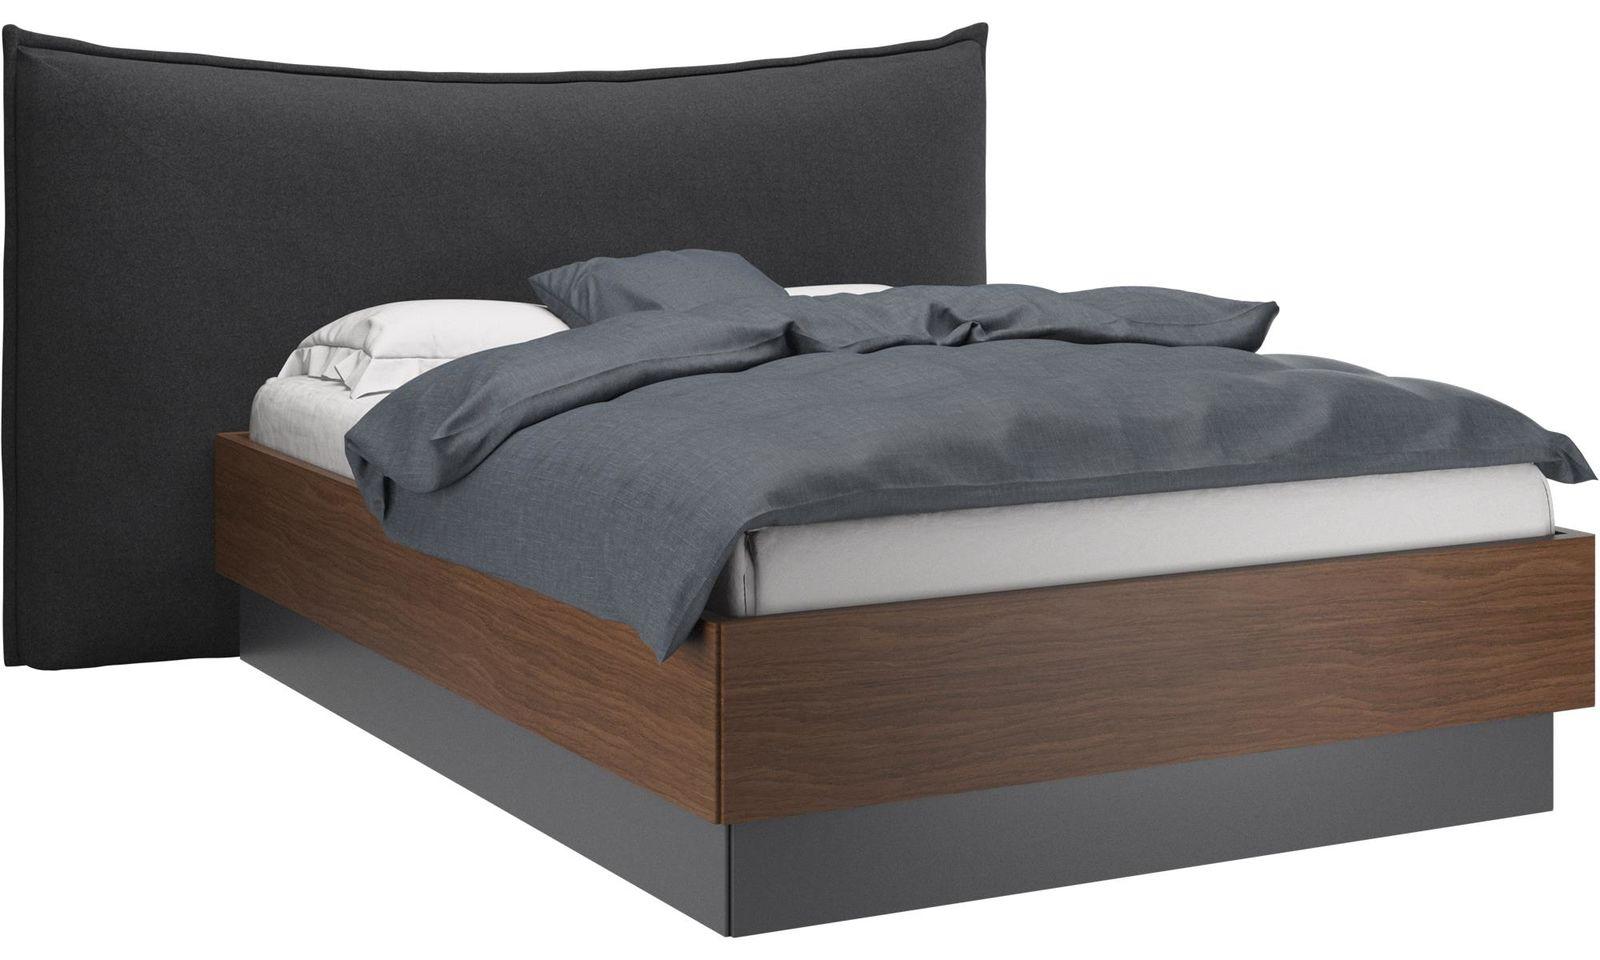 Gent bed wide.jpg